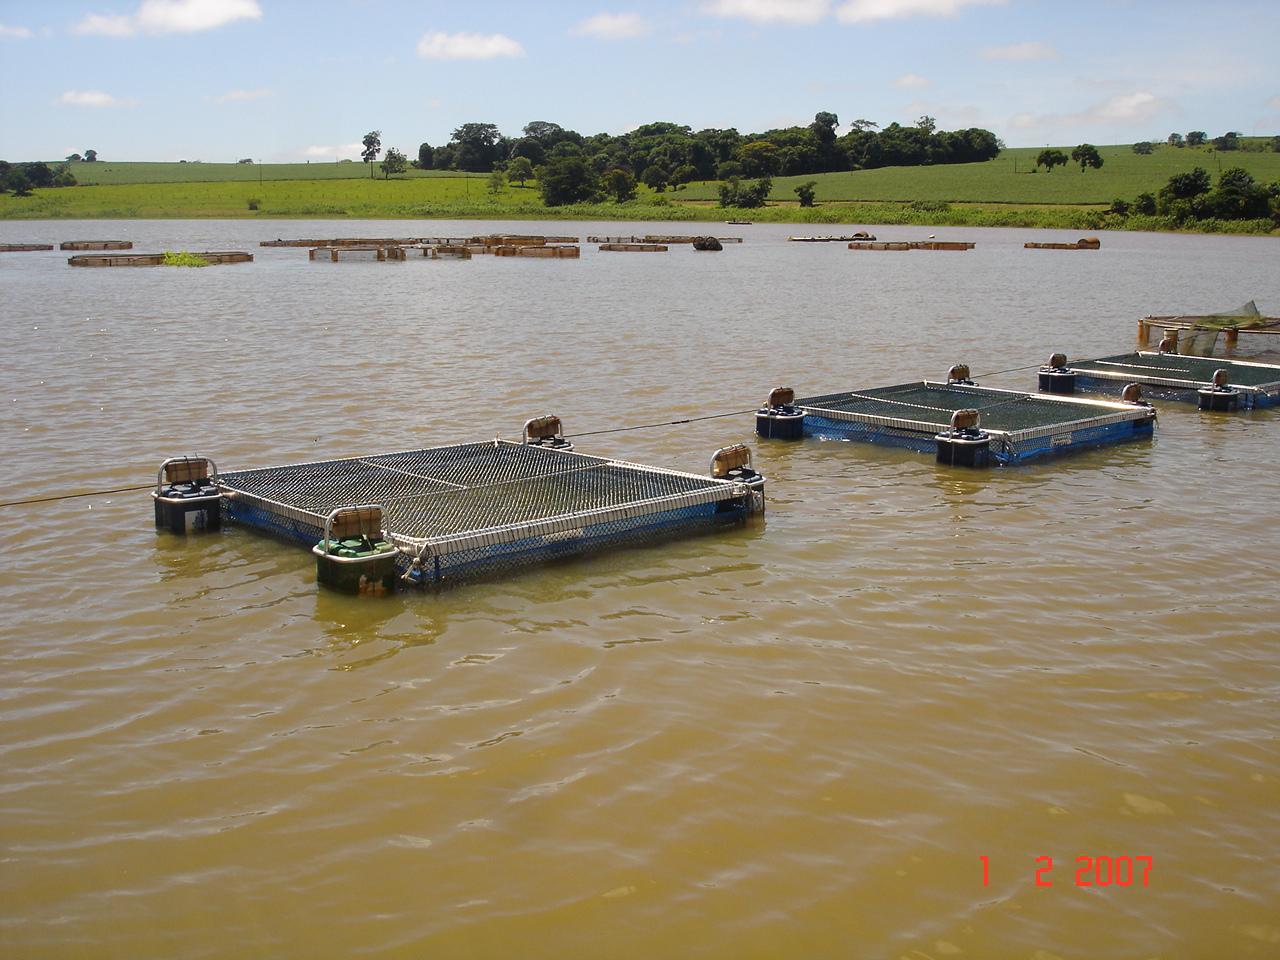 Cria peixe tilapicultura como criar peixes em tanques rede for Tanques para cria de tilapia